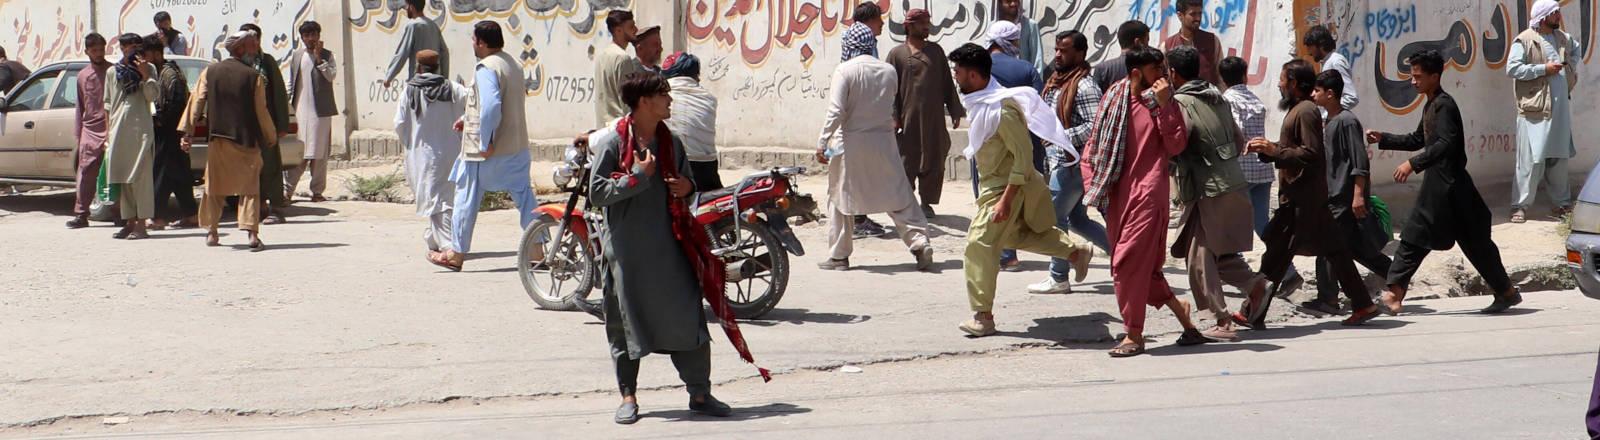 Eine Straßenszene aus Kabul